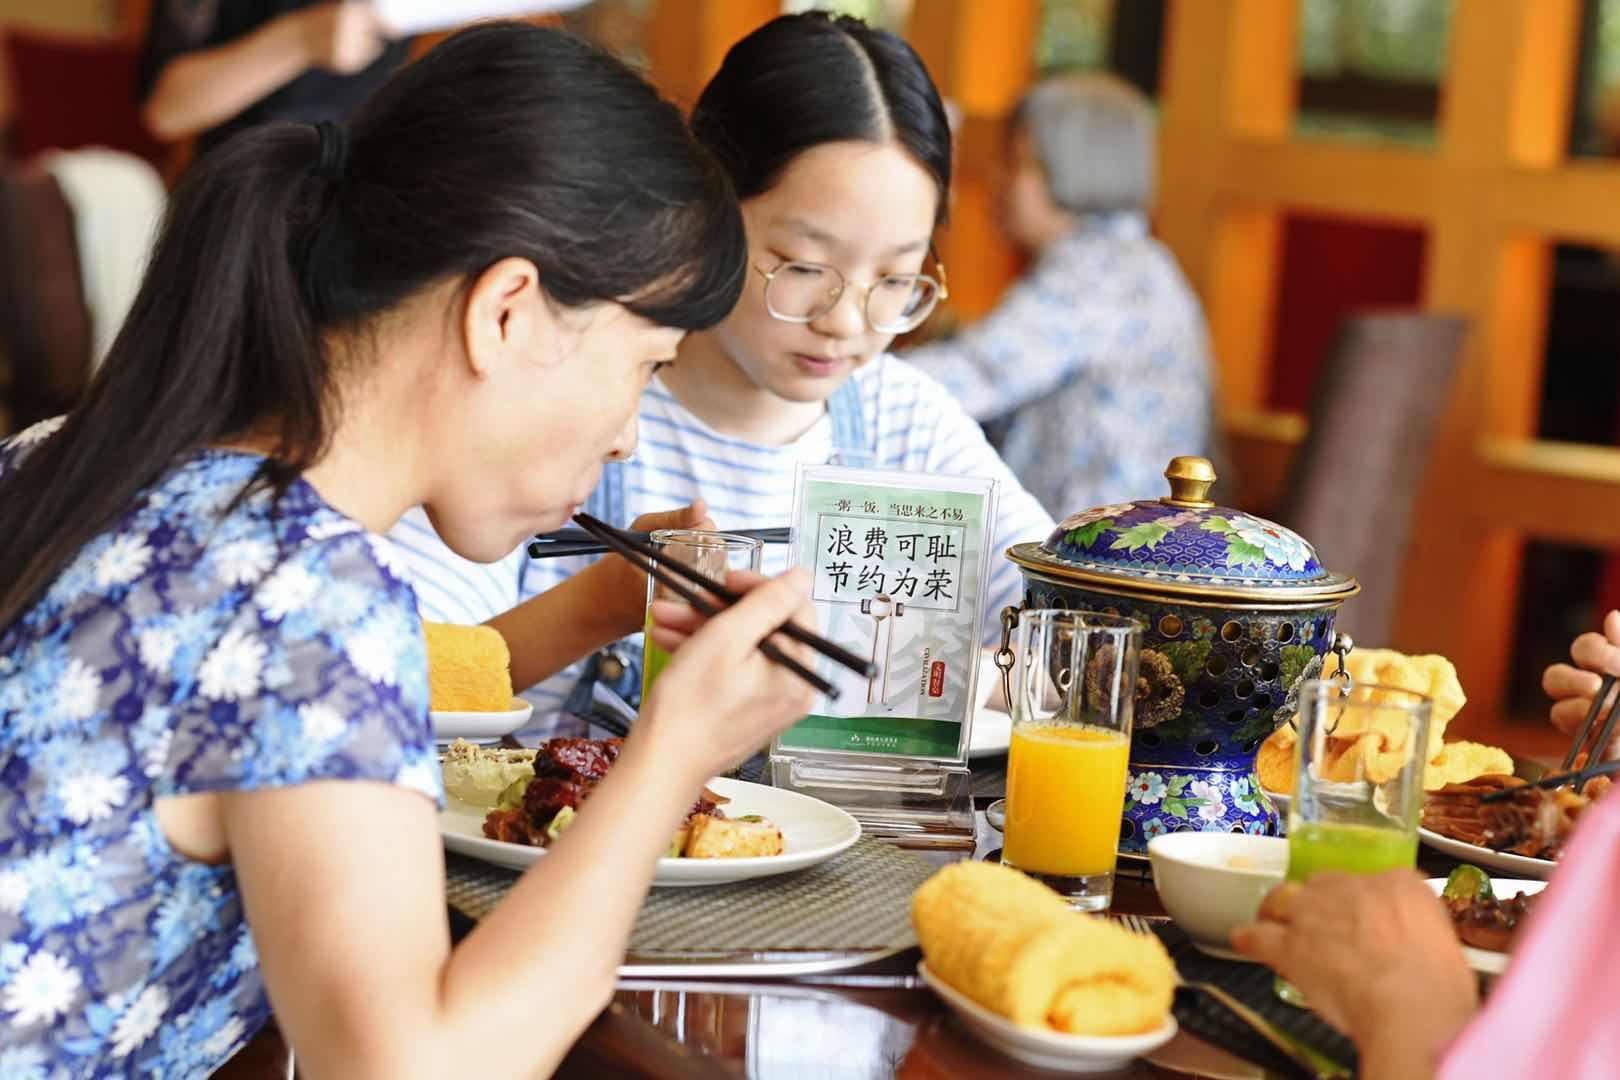 """小份菜、一人食成餐饮新风尚 """"制止餐饮浪费""""常州餐饮行业在行"""